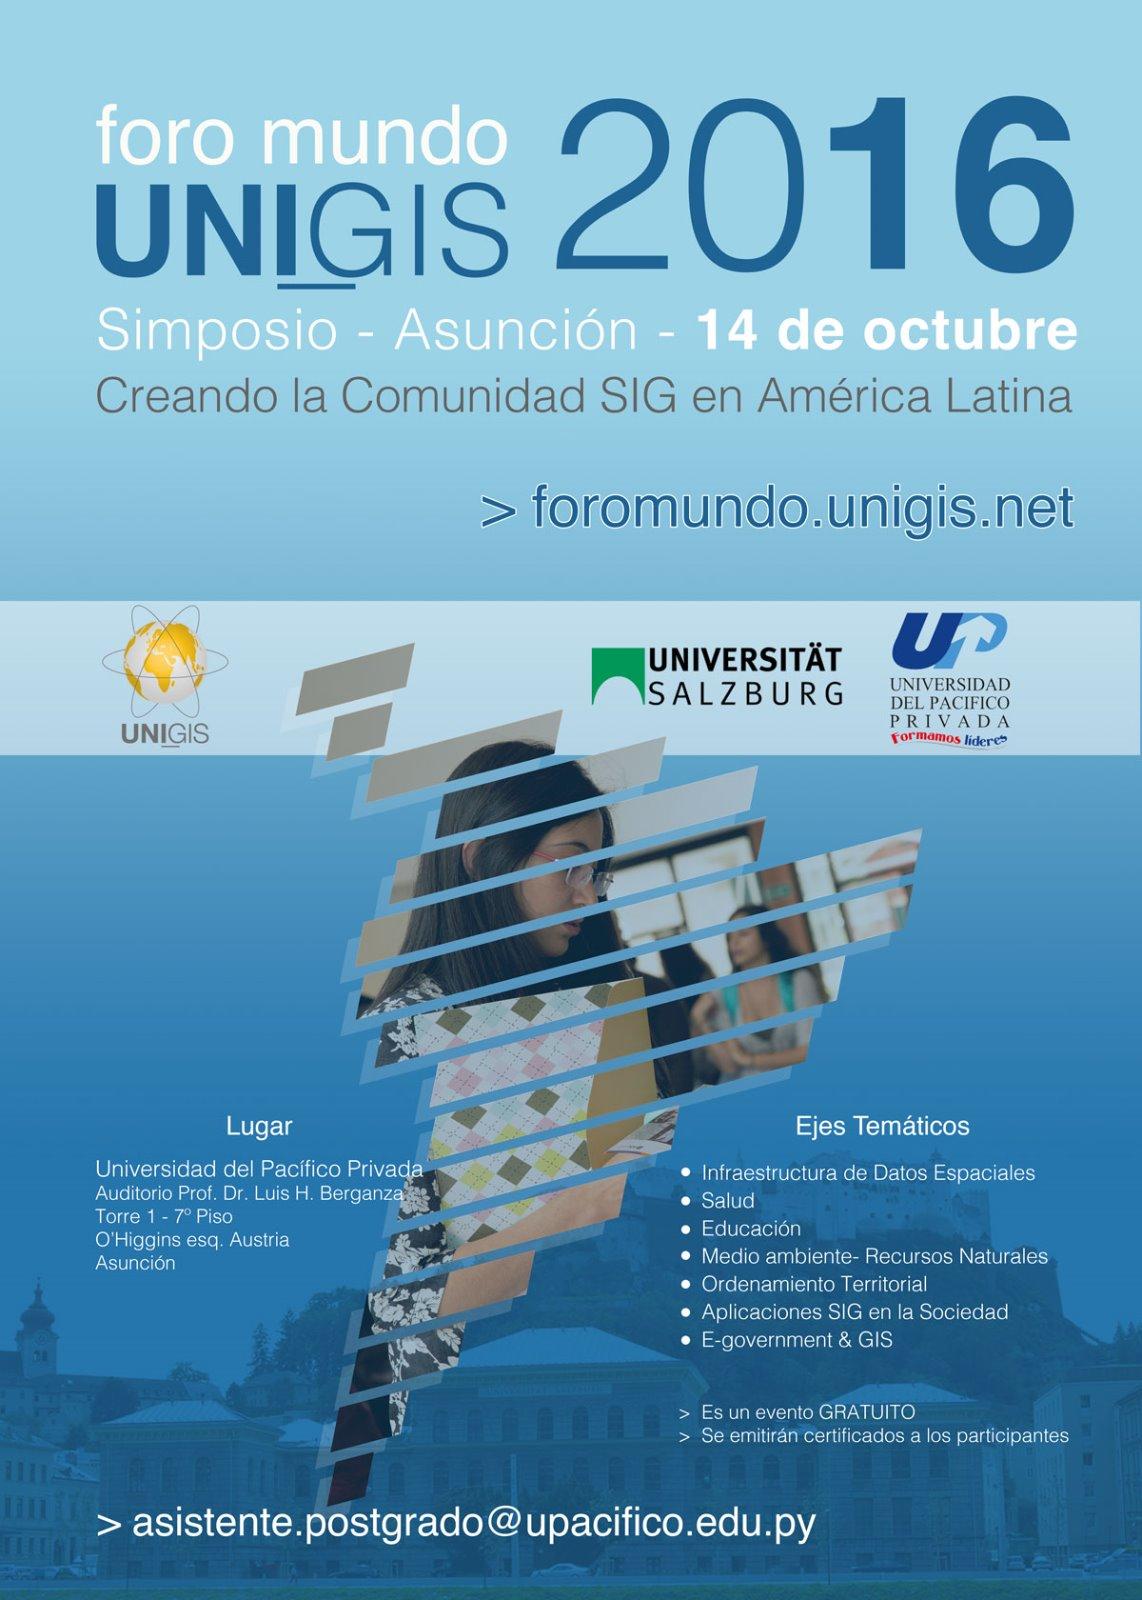 Foro Mundo UNIGIS 2016 - Simposio - Asunción - 14 de octubre